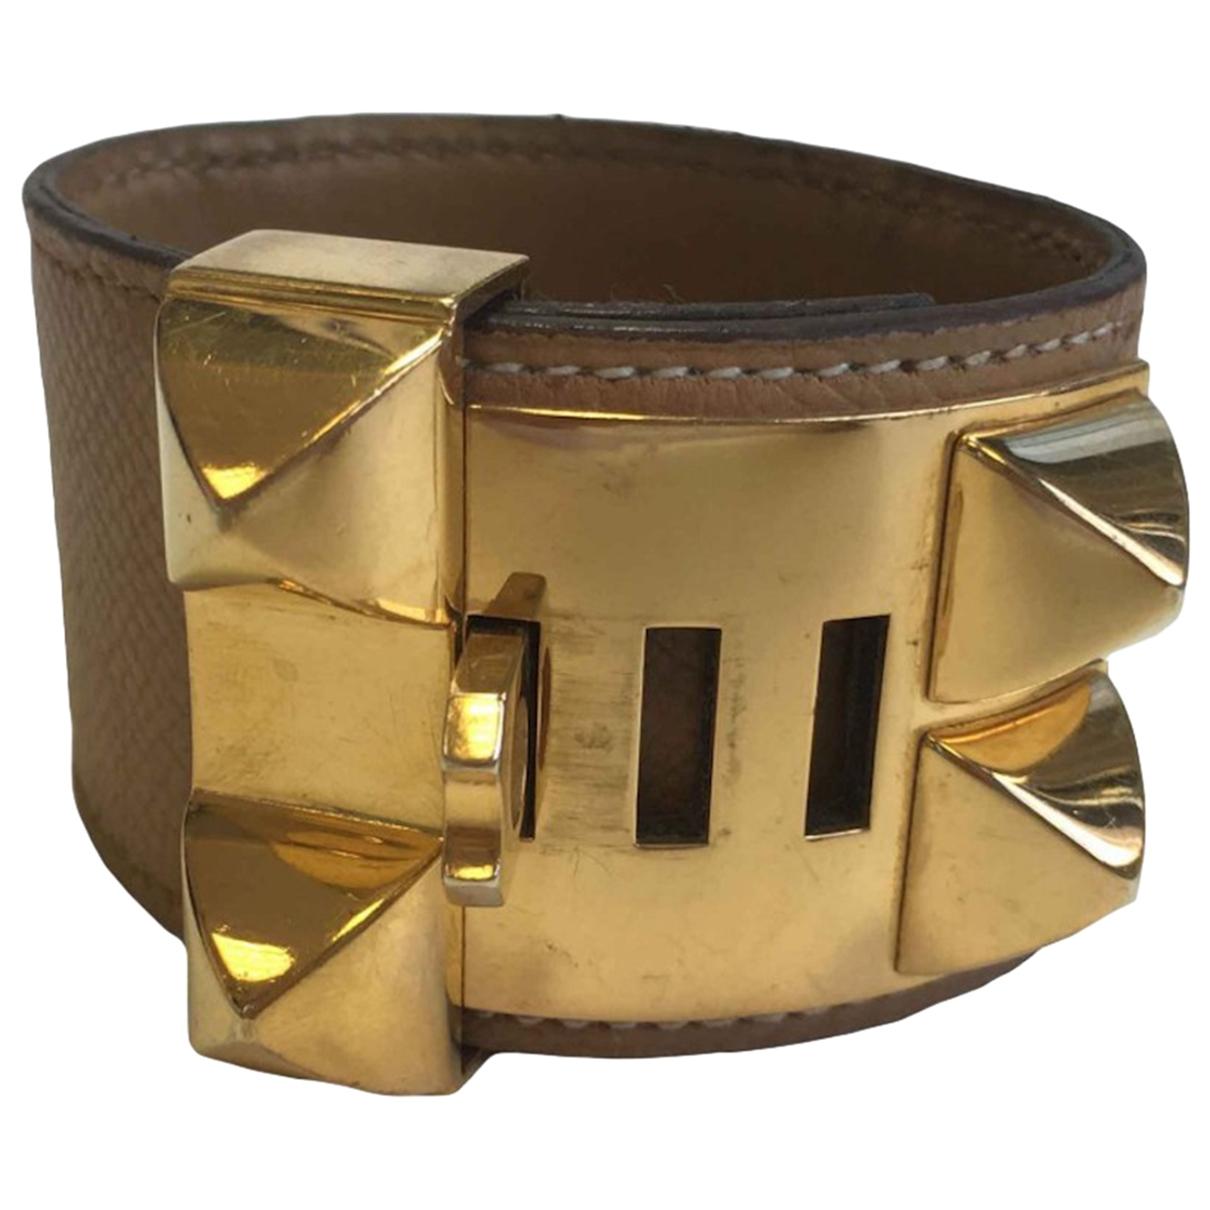 Hermes Collier de chien  Armband in  Beige Leder